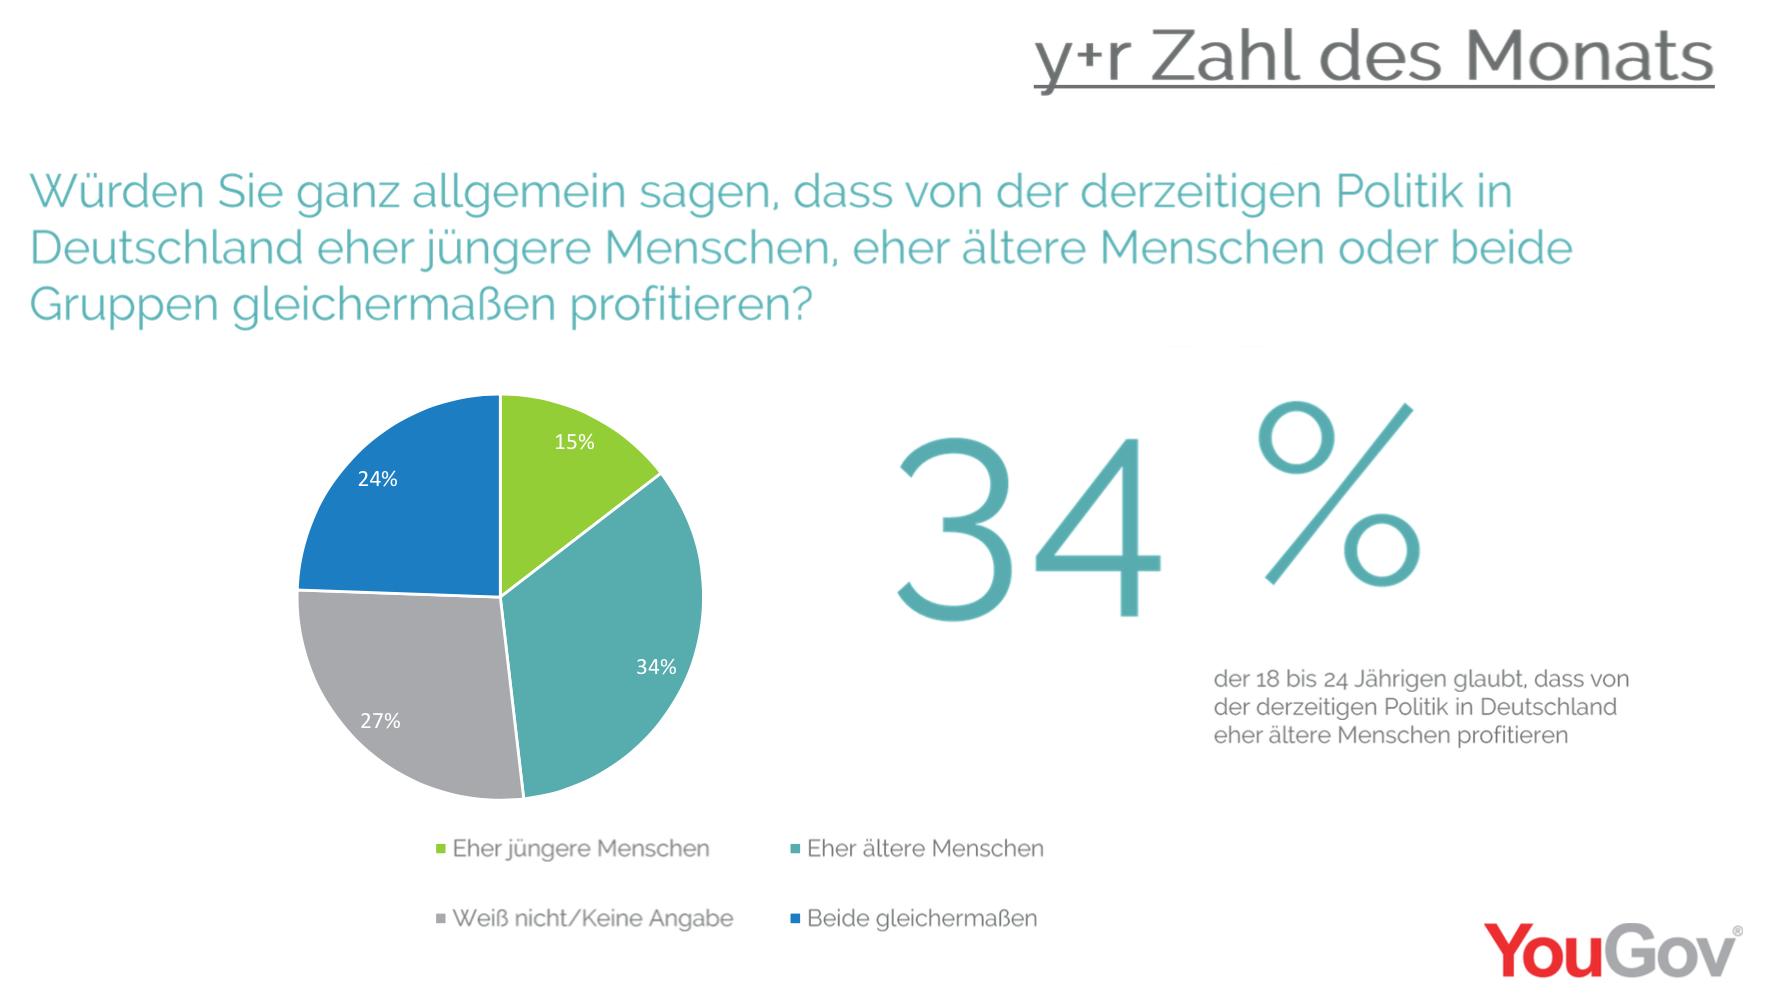 y+r Zahl des Monats, präsentiert von YouGov